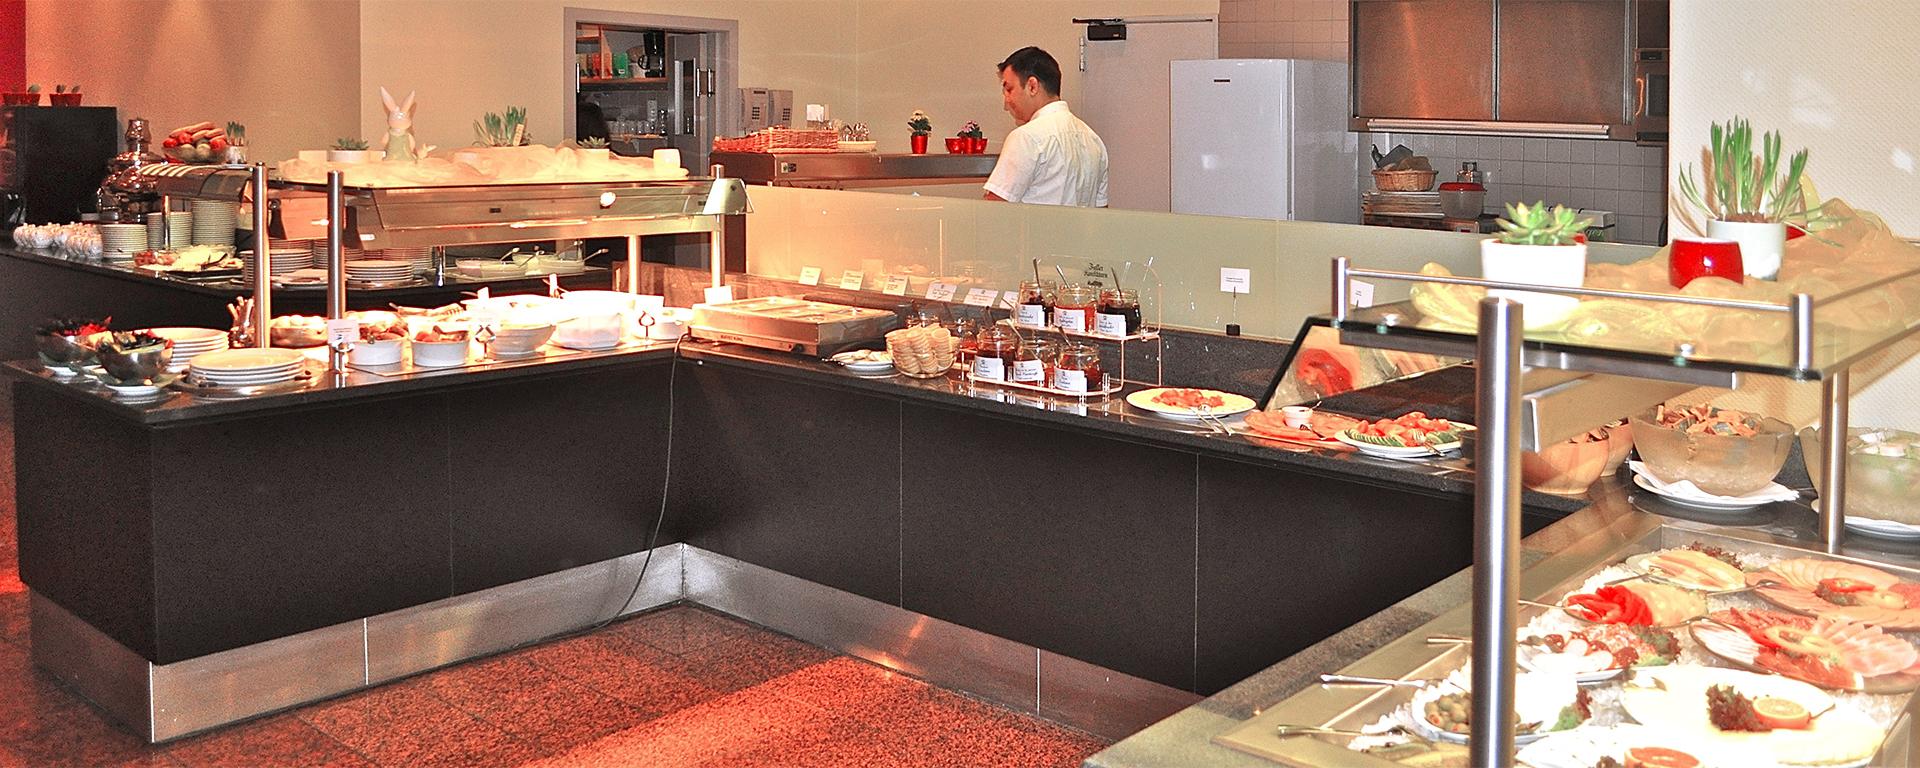 Frühstücks-Buffet - Breakfast-Buffet im SAVOY-Hotel Frankfurt City Stadtmitte für Hausgäste und Ausserhaus-Gäste.